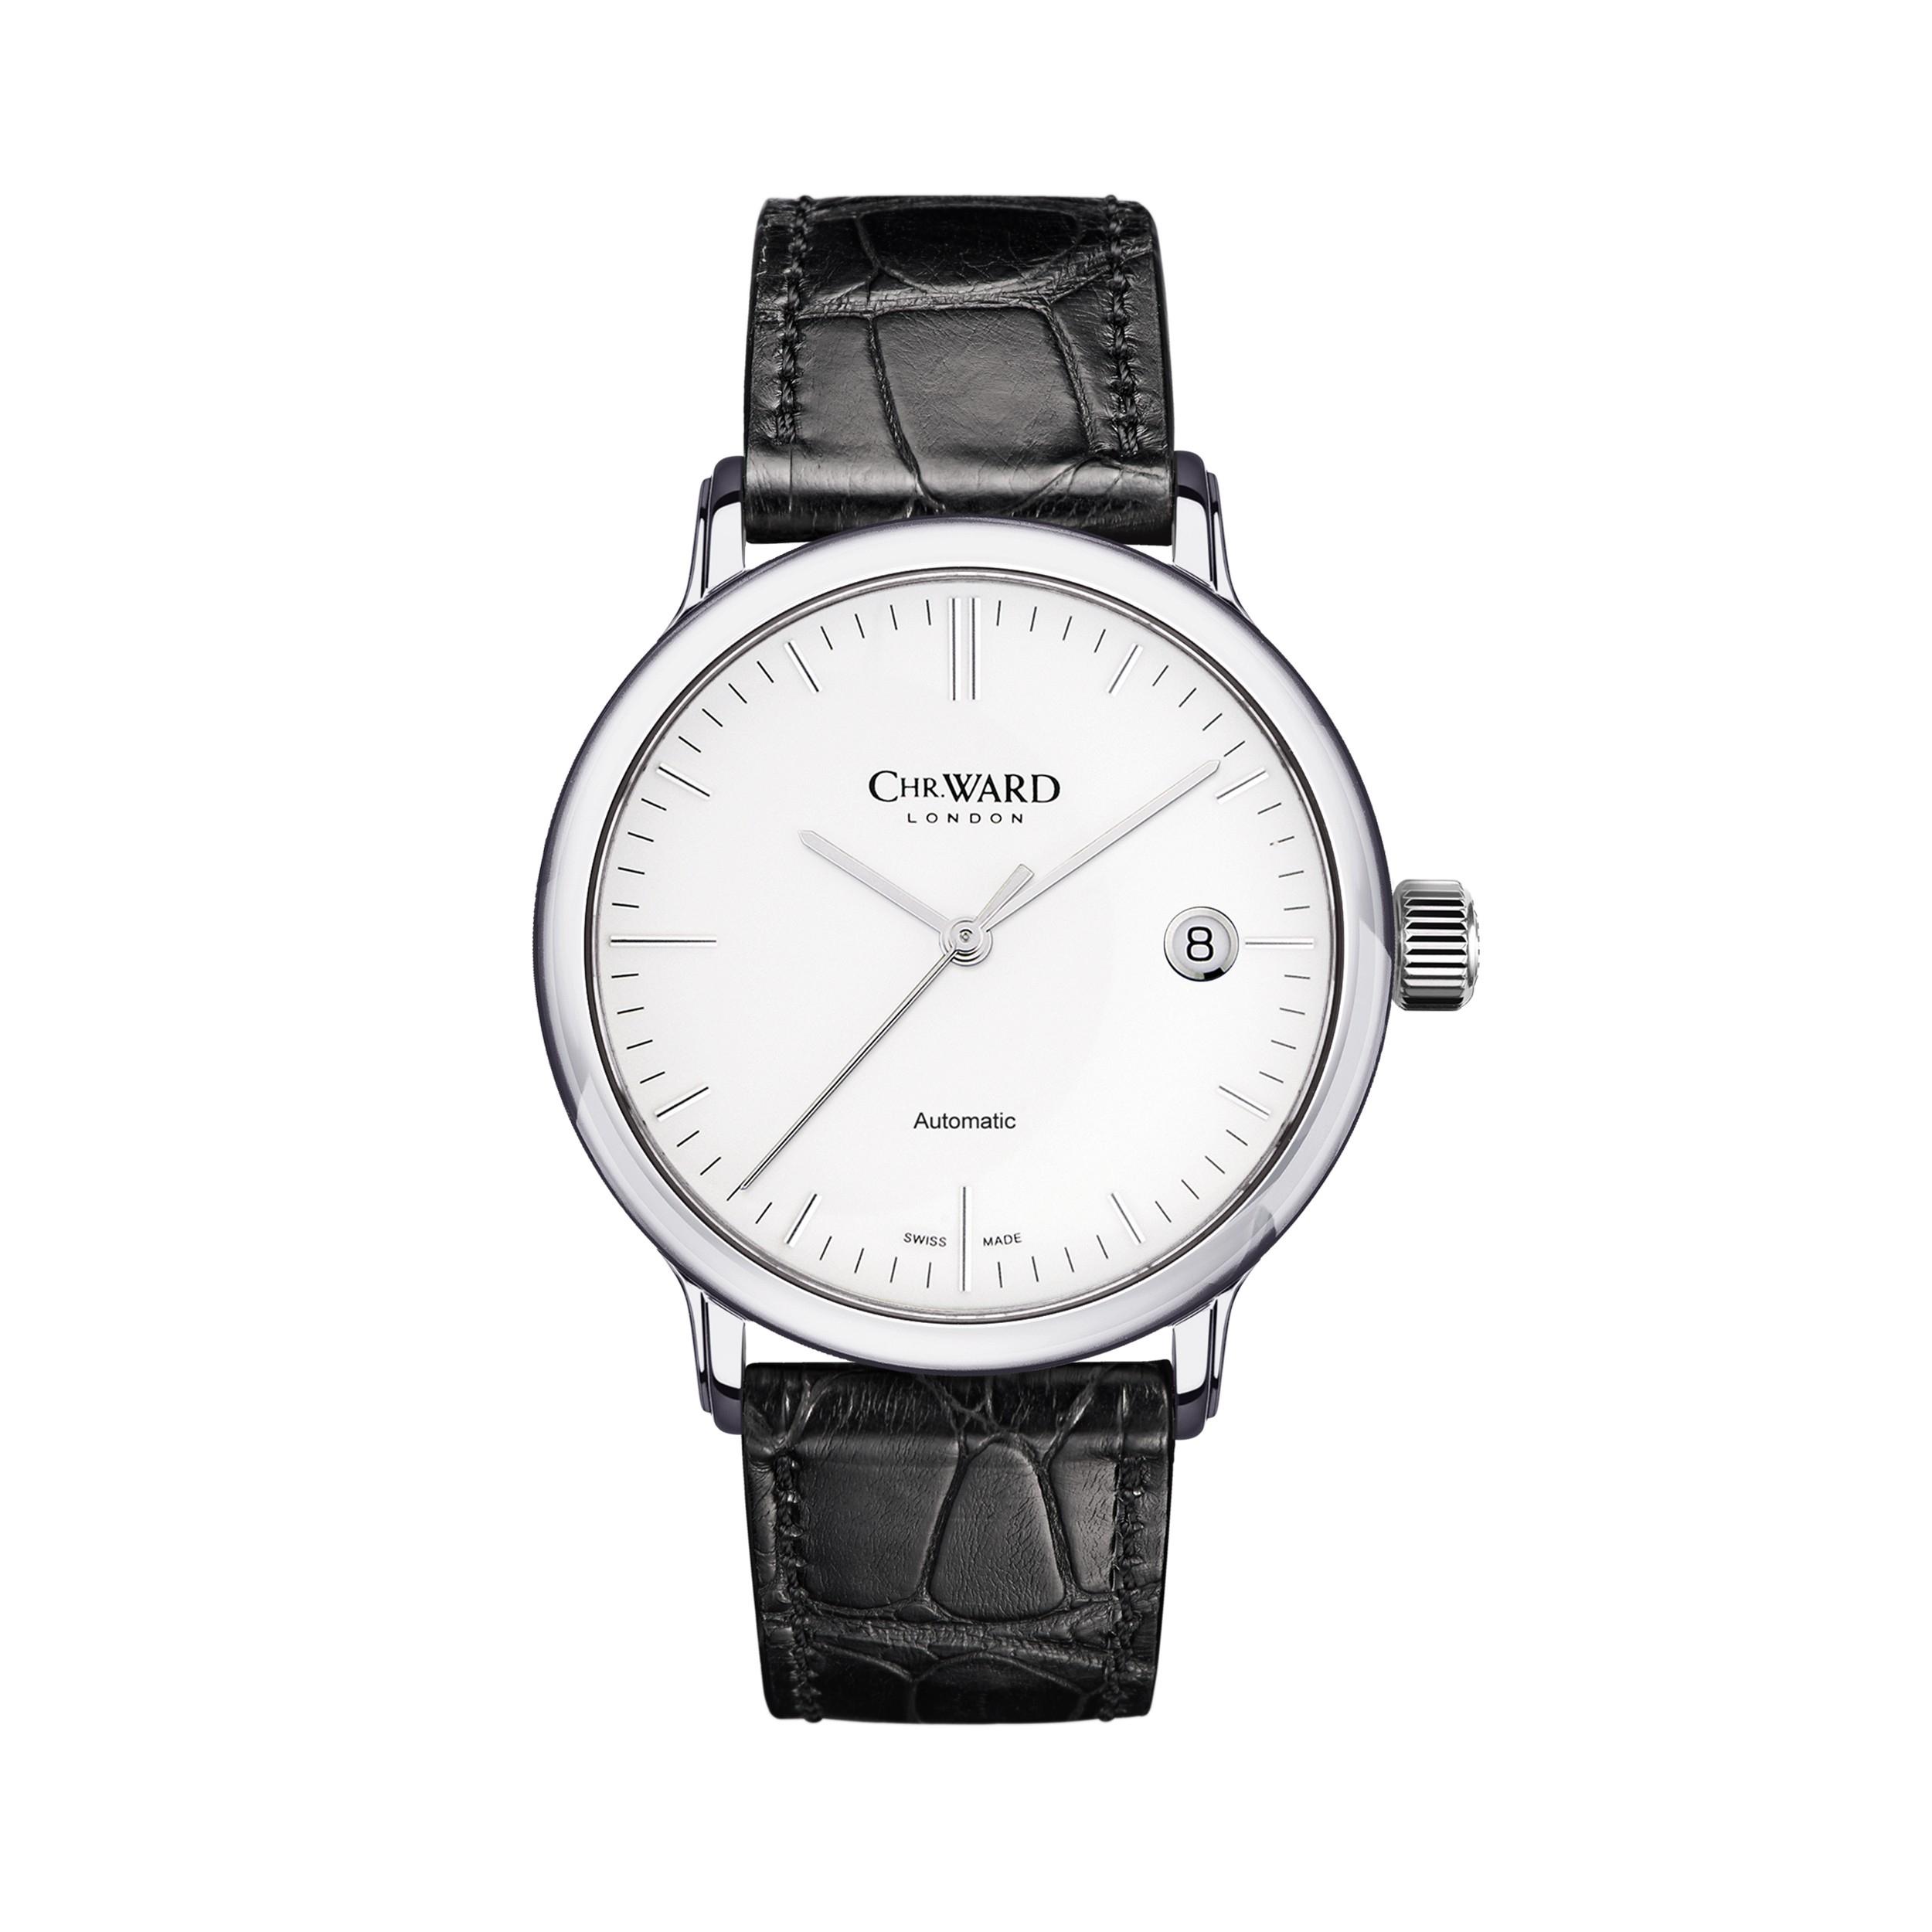 Einige Uhren von Christopher Ward um 50% reduziert z. B. C5 Malvern Automatic MK II für 250€